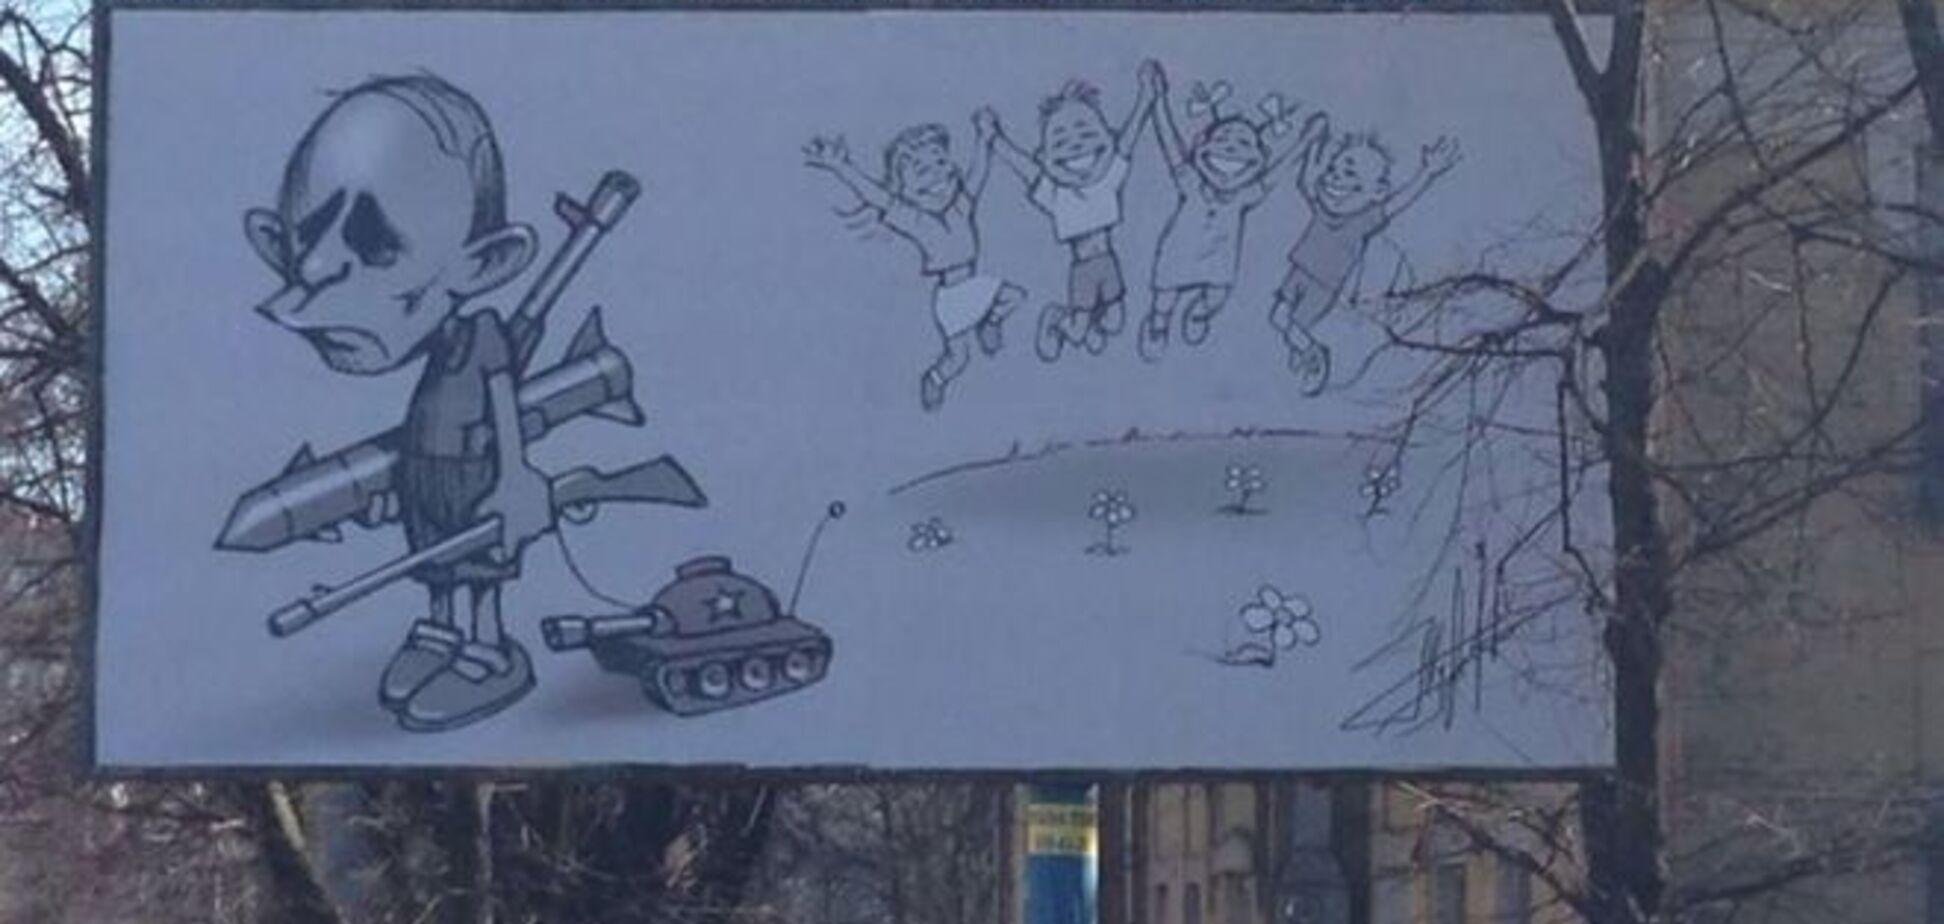 Путин на билбордах: мальчик с танчиком, а-ля Гитлер и по-одесски